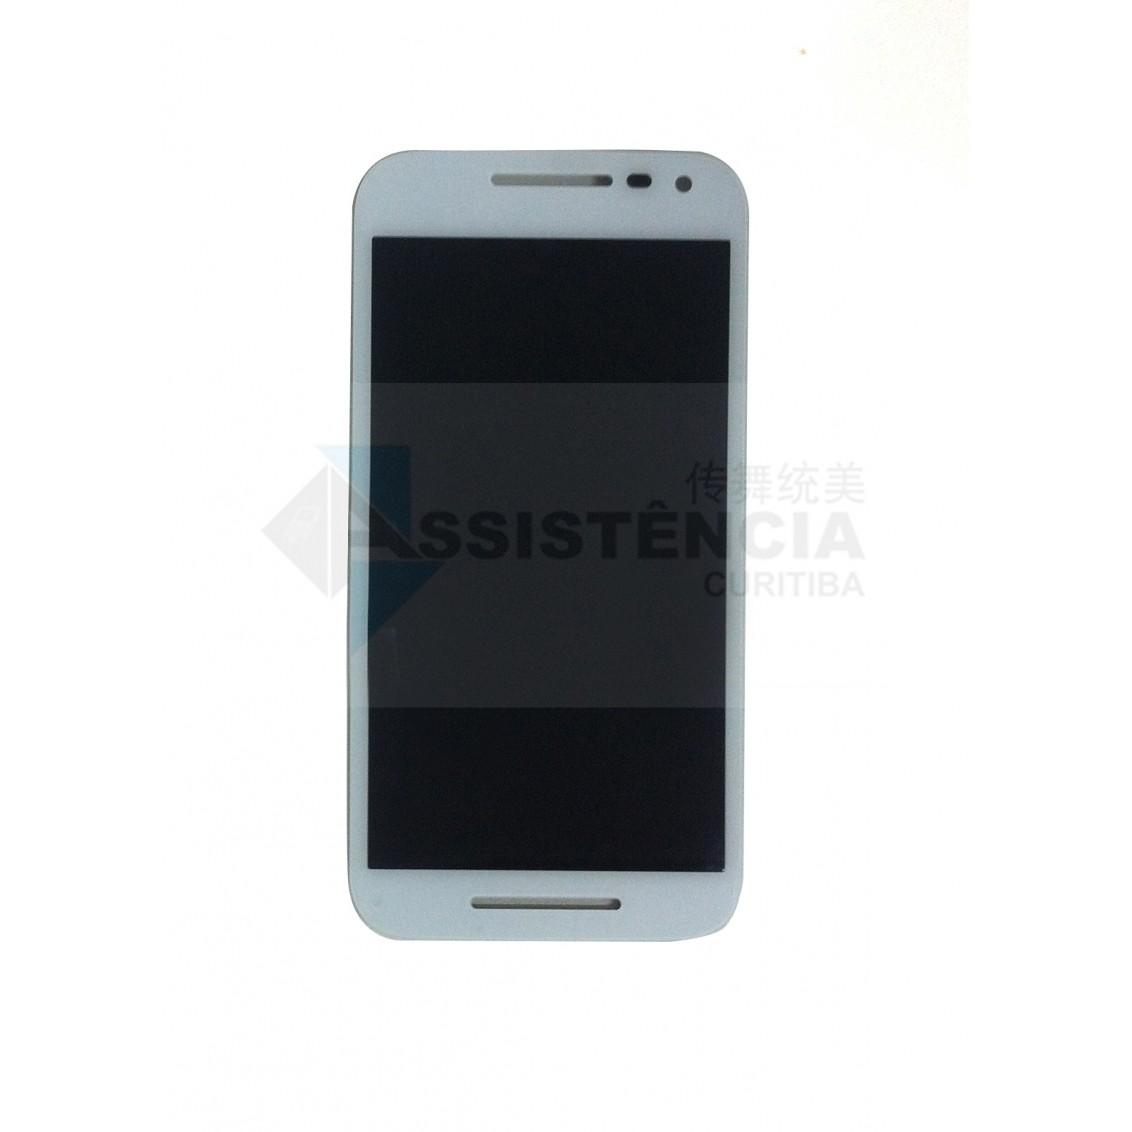 Tela Display Motorola Moto G3 Xt1542 Xt1543 Xt1544 Xt1550 Xt1556 Branco